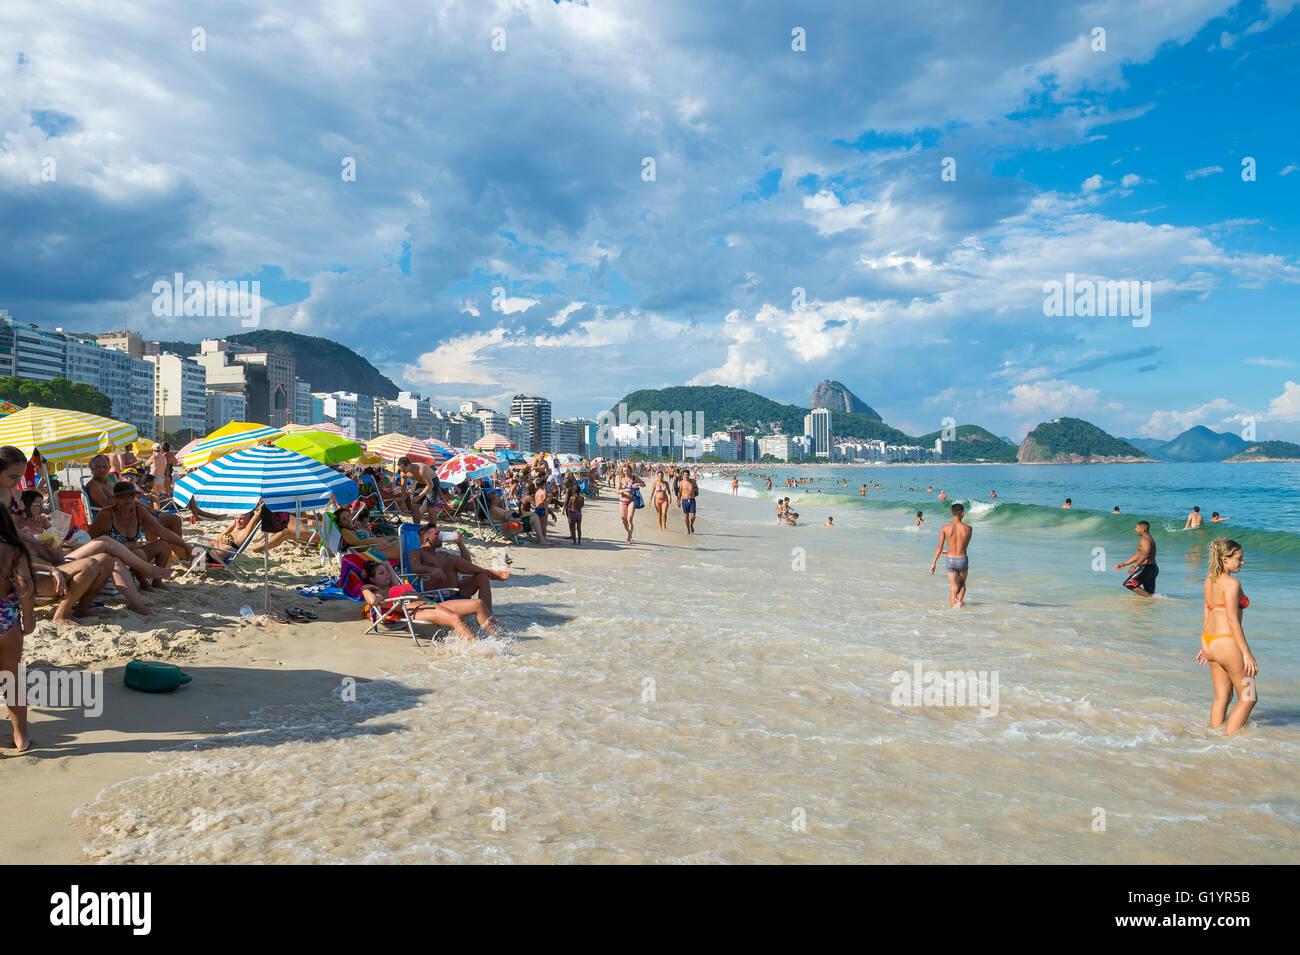 RIO DE JANEIRO - février 27, 2016: la marée montante les vagues pousse plus près de la plage bénéficiant d'un après-midi sur la plage de Copacabana. Banque D'Images